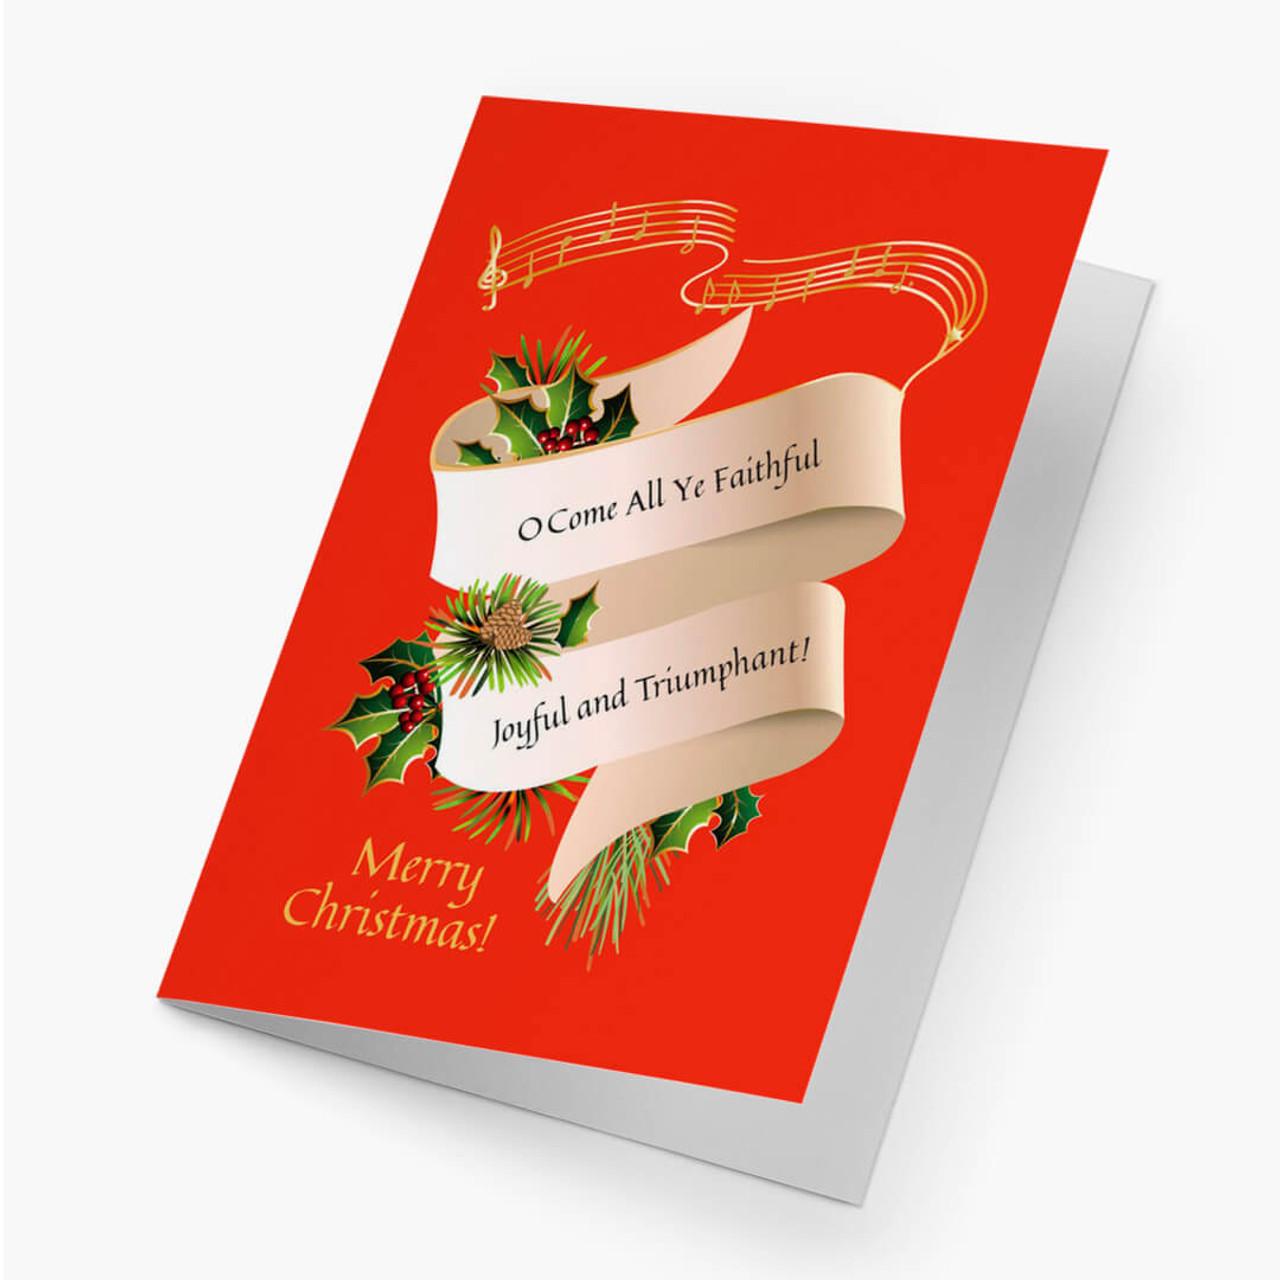 All Ye Faithful Christmas Card